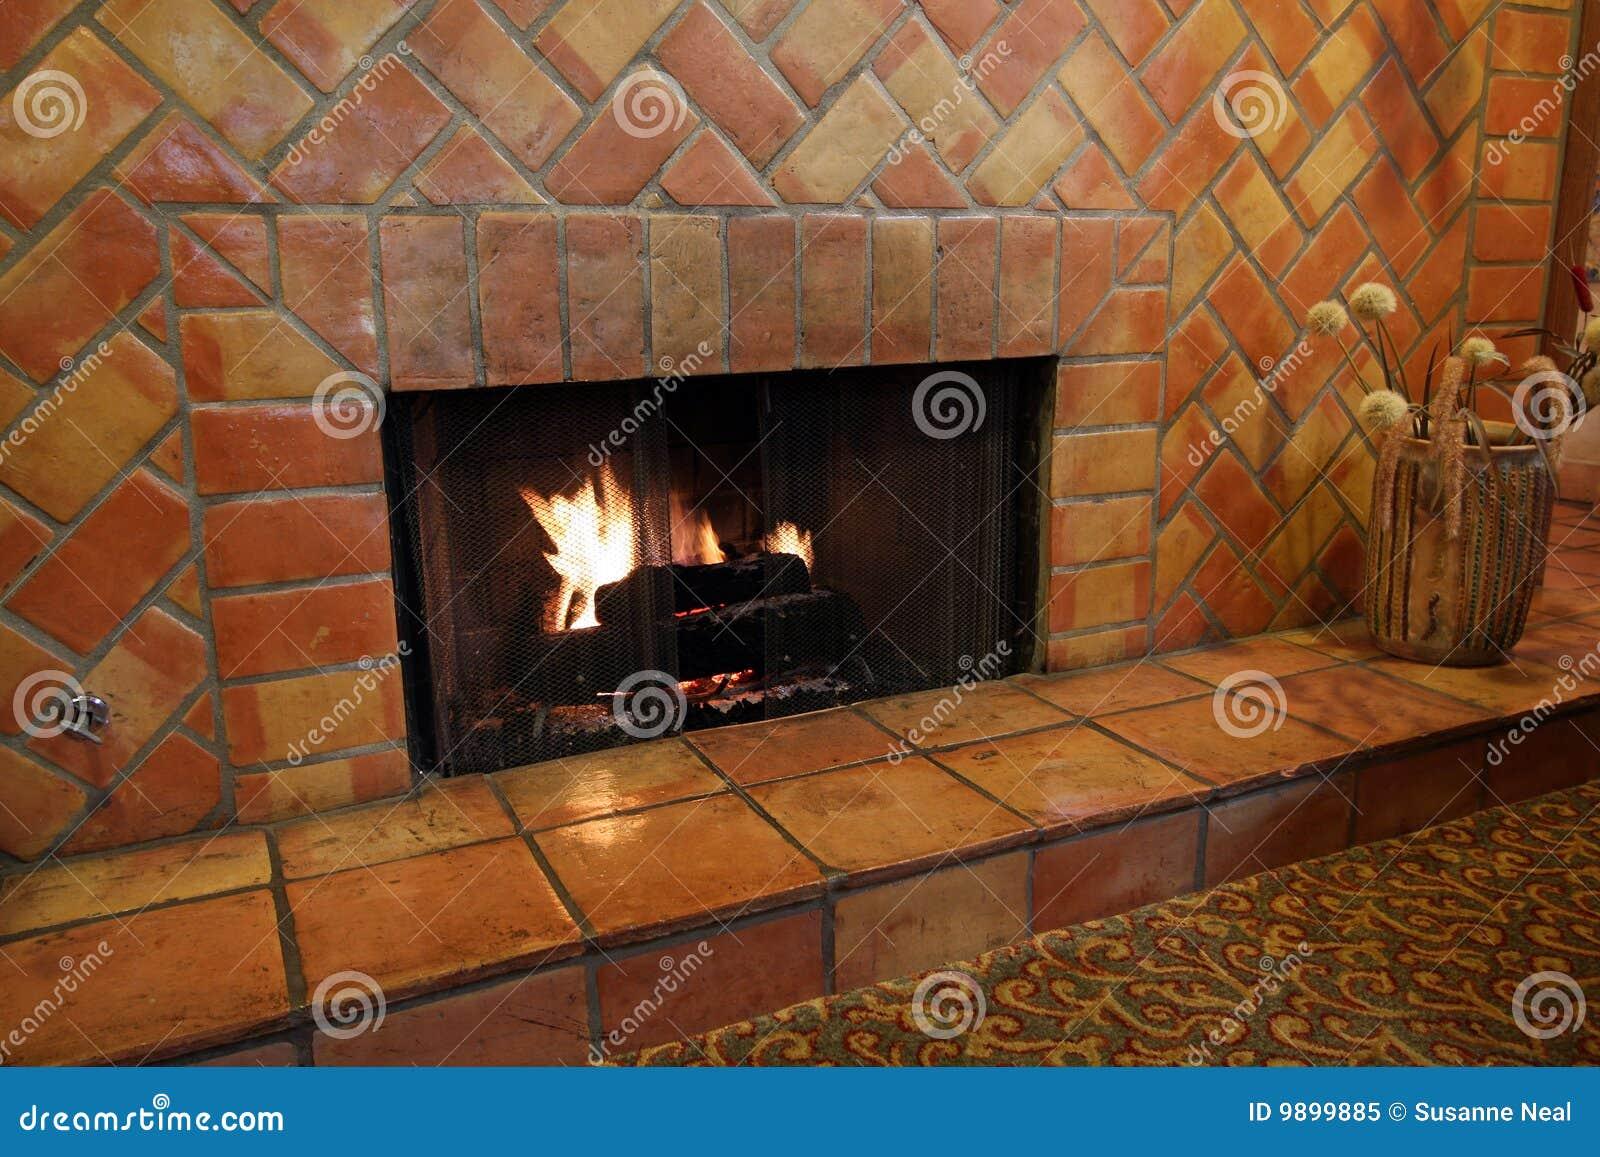 Chimenea y azulejos y ladrillos de la pared imagen de for Construccion de chimeneas de ladrillo